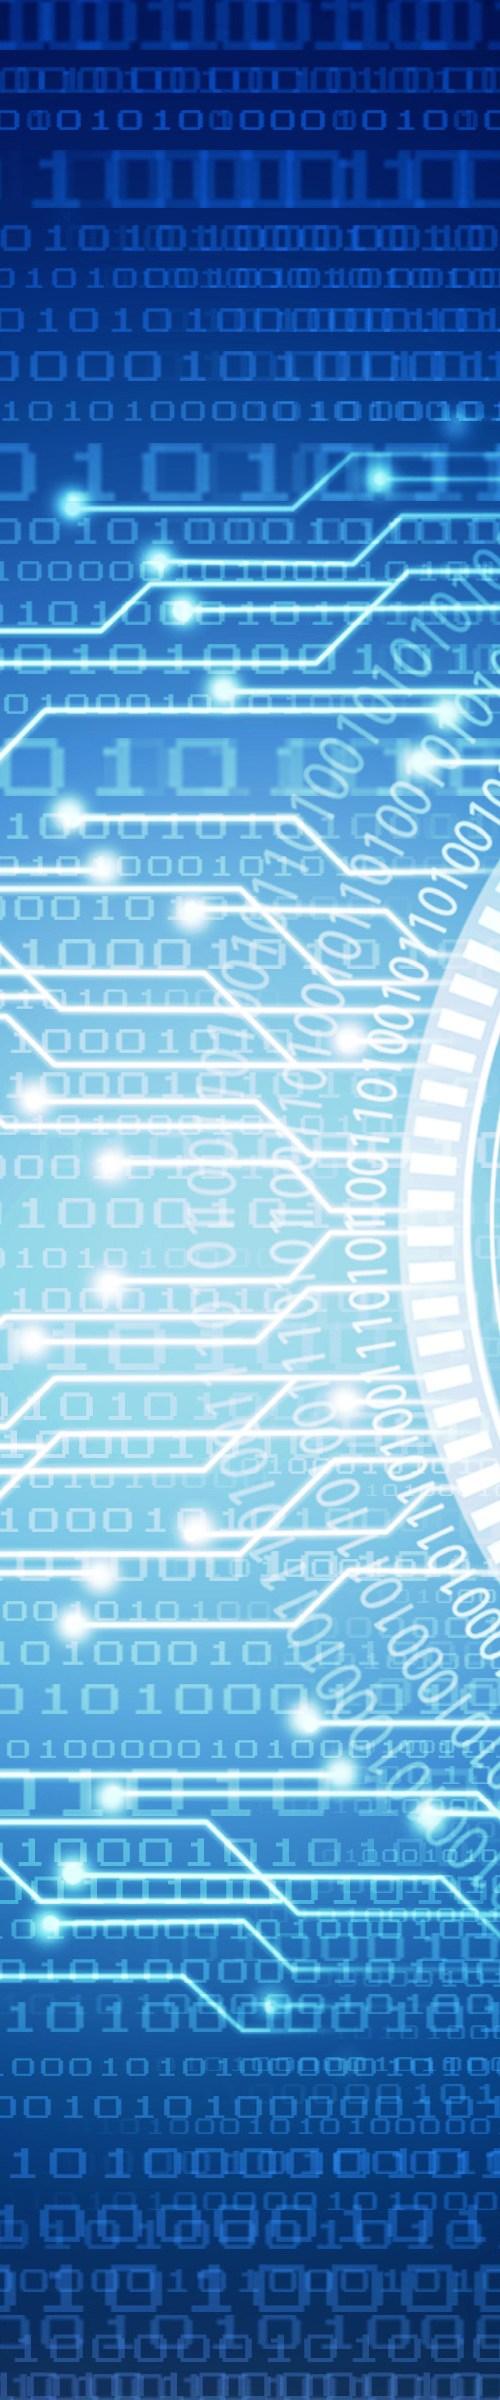 Cybersecurity, employee